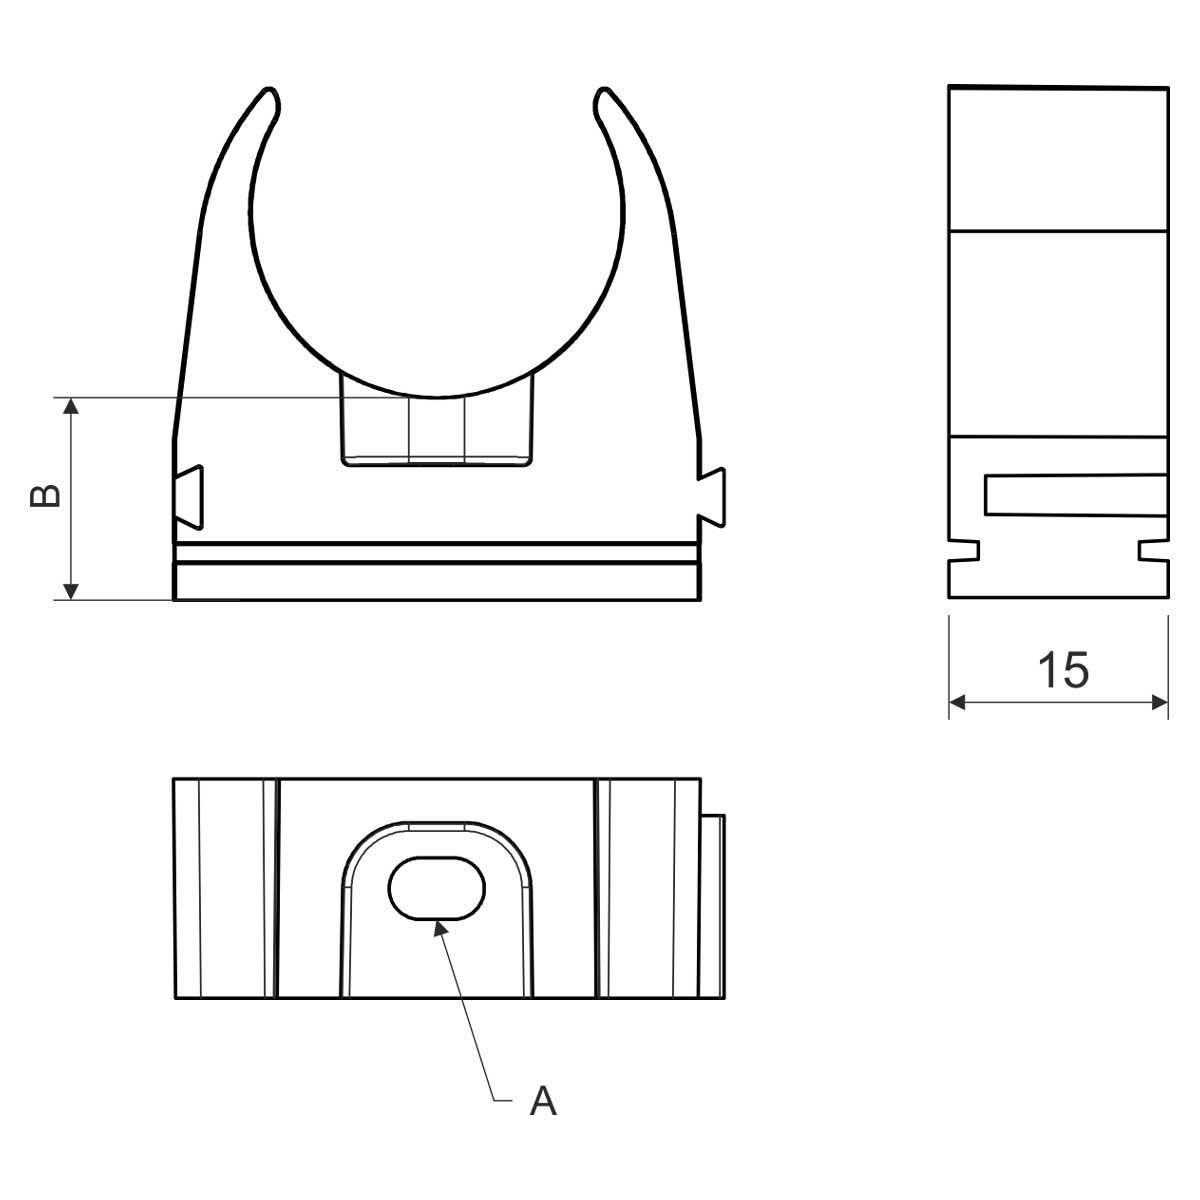 Кріплення труби 63 мм; Ø63мм; ПВХ; t застосування -25+60 °с; темно-сіре;